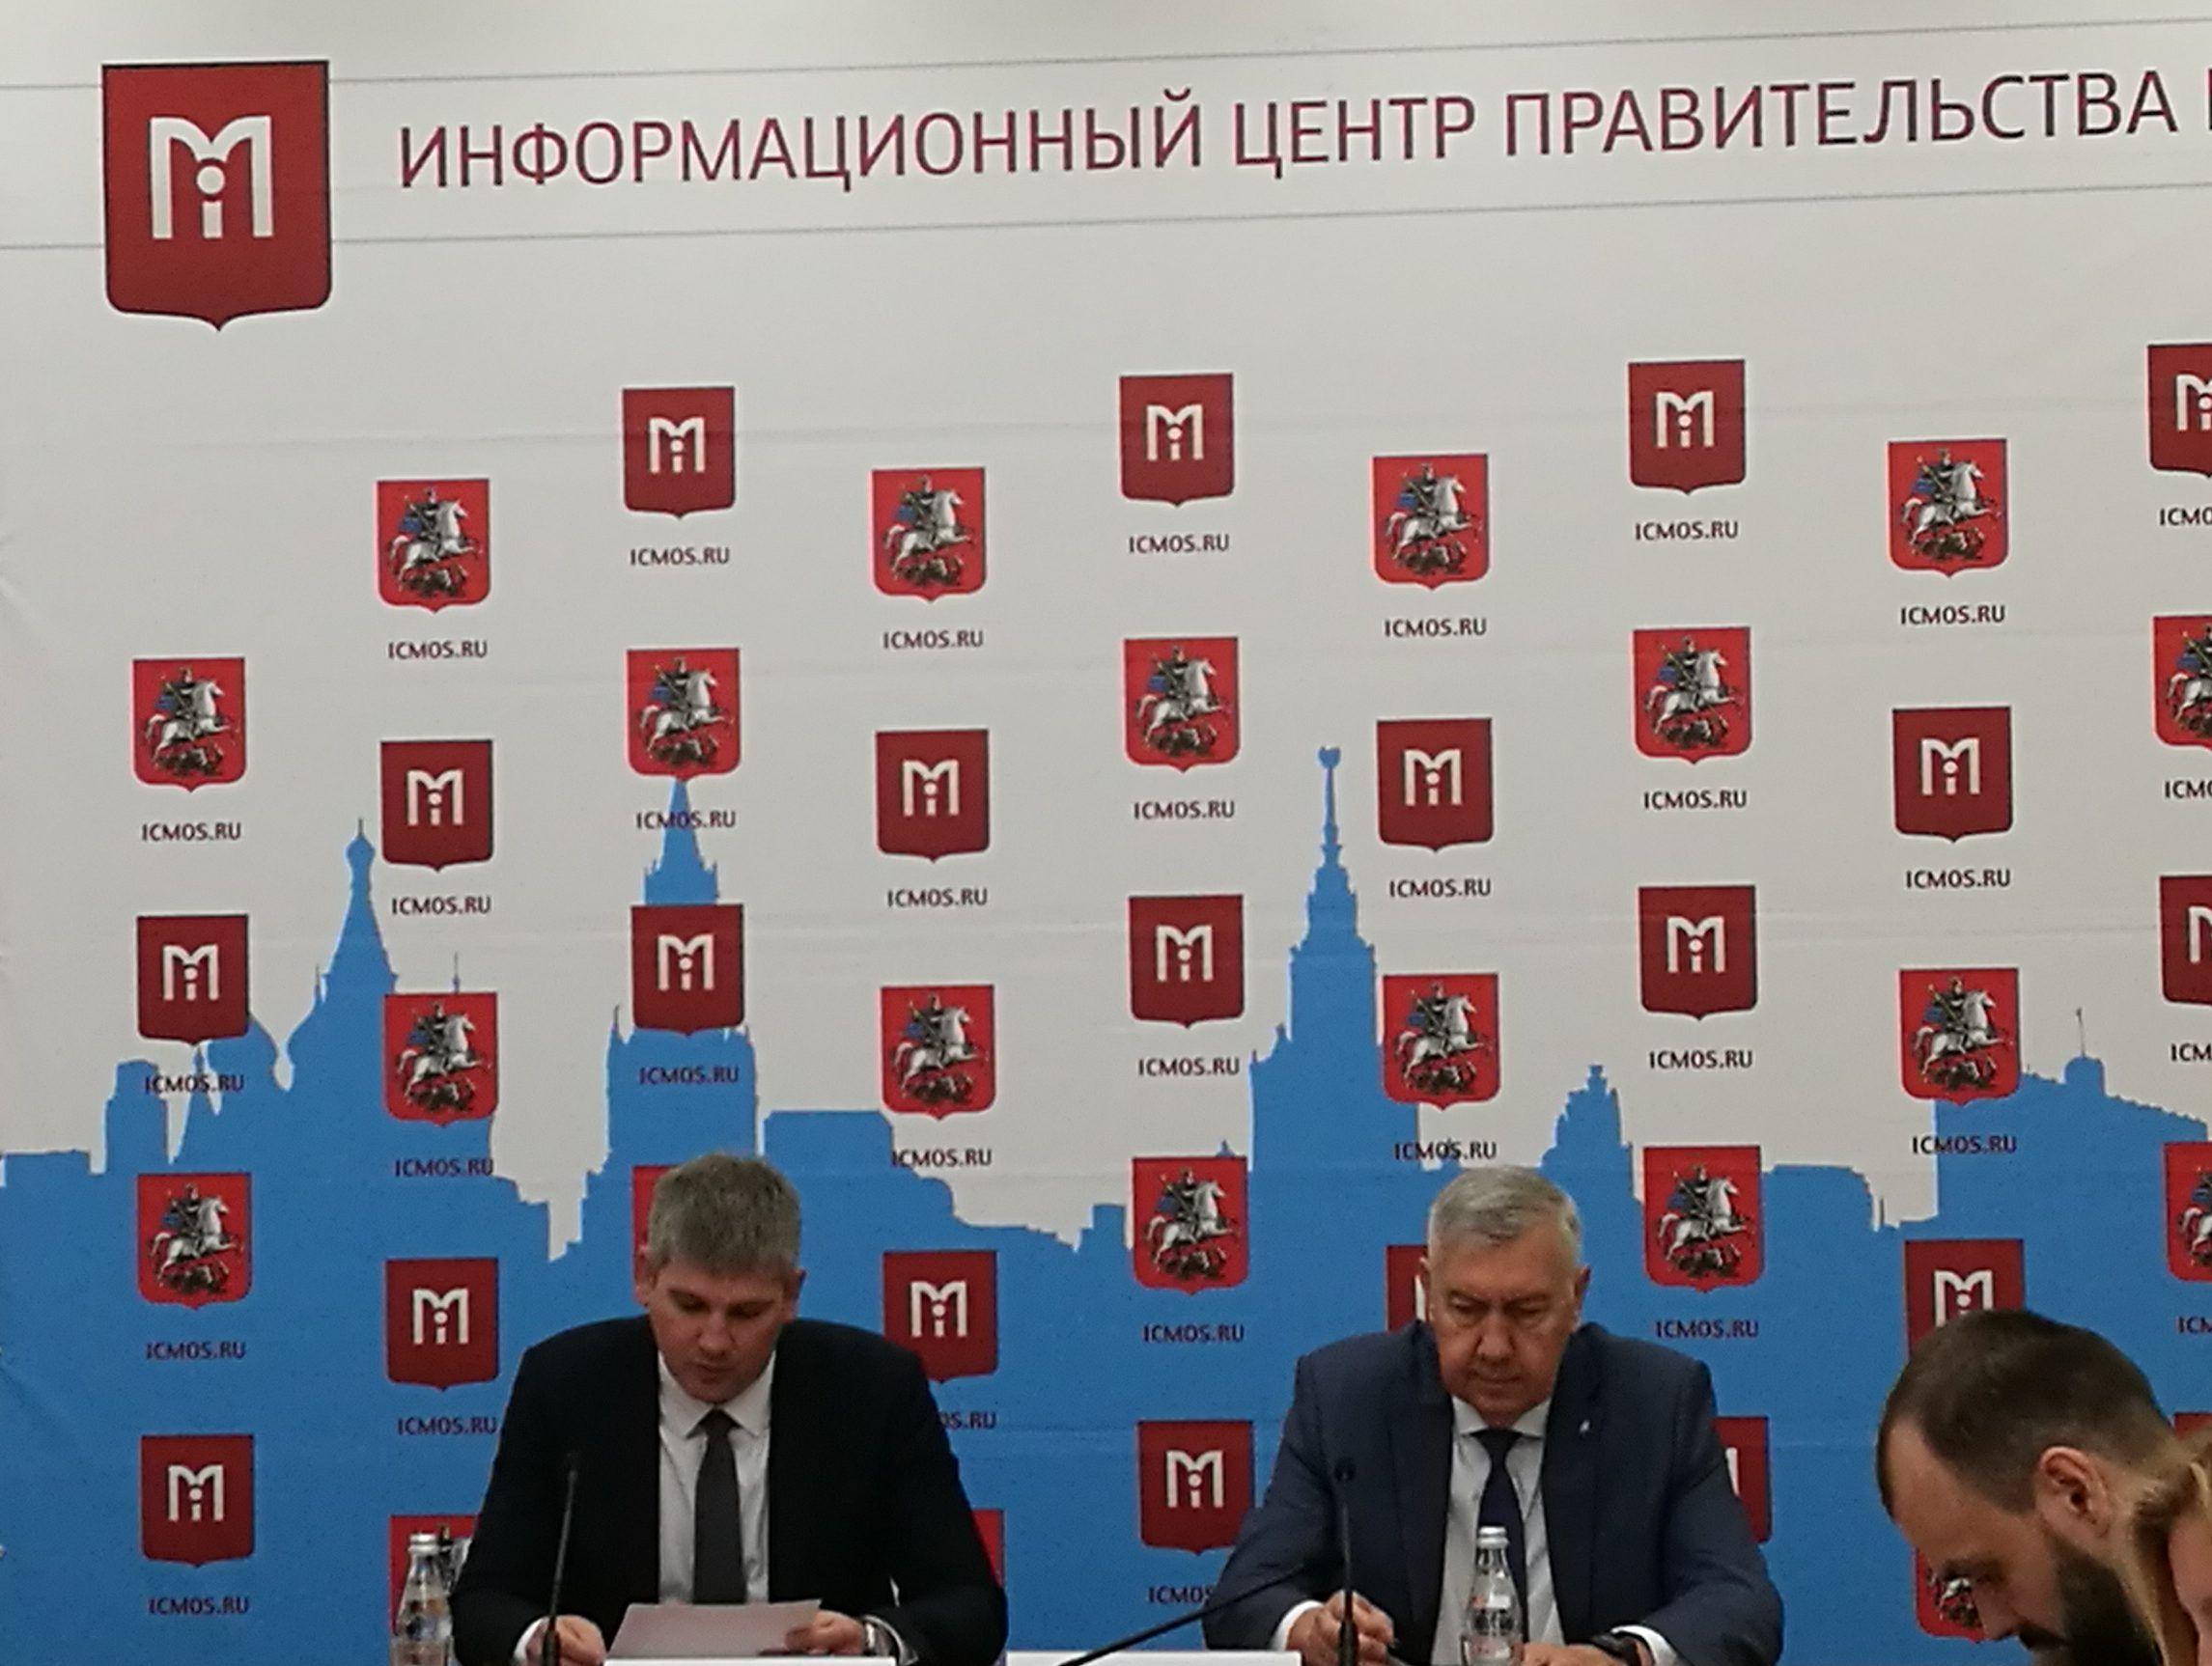 Итоги работы Мосгосстройнадзора за первое полугодие 2019 года подвели в Москве